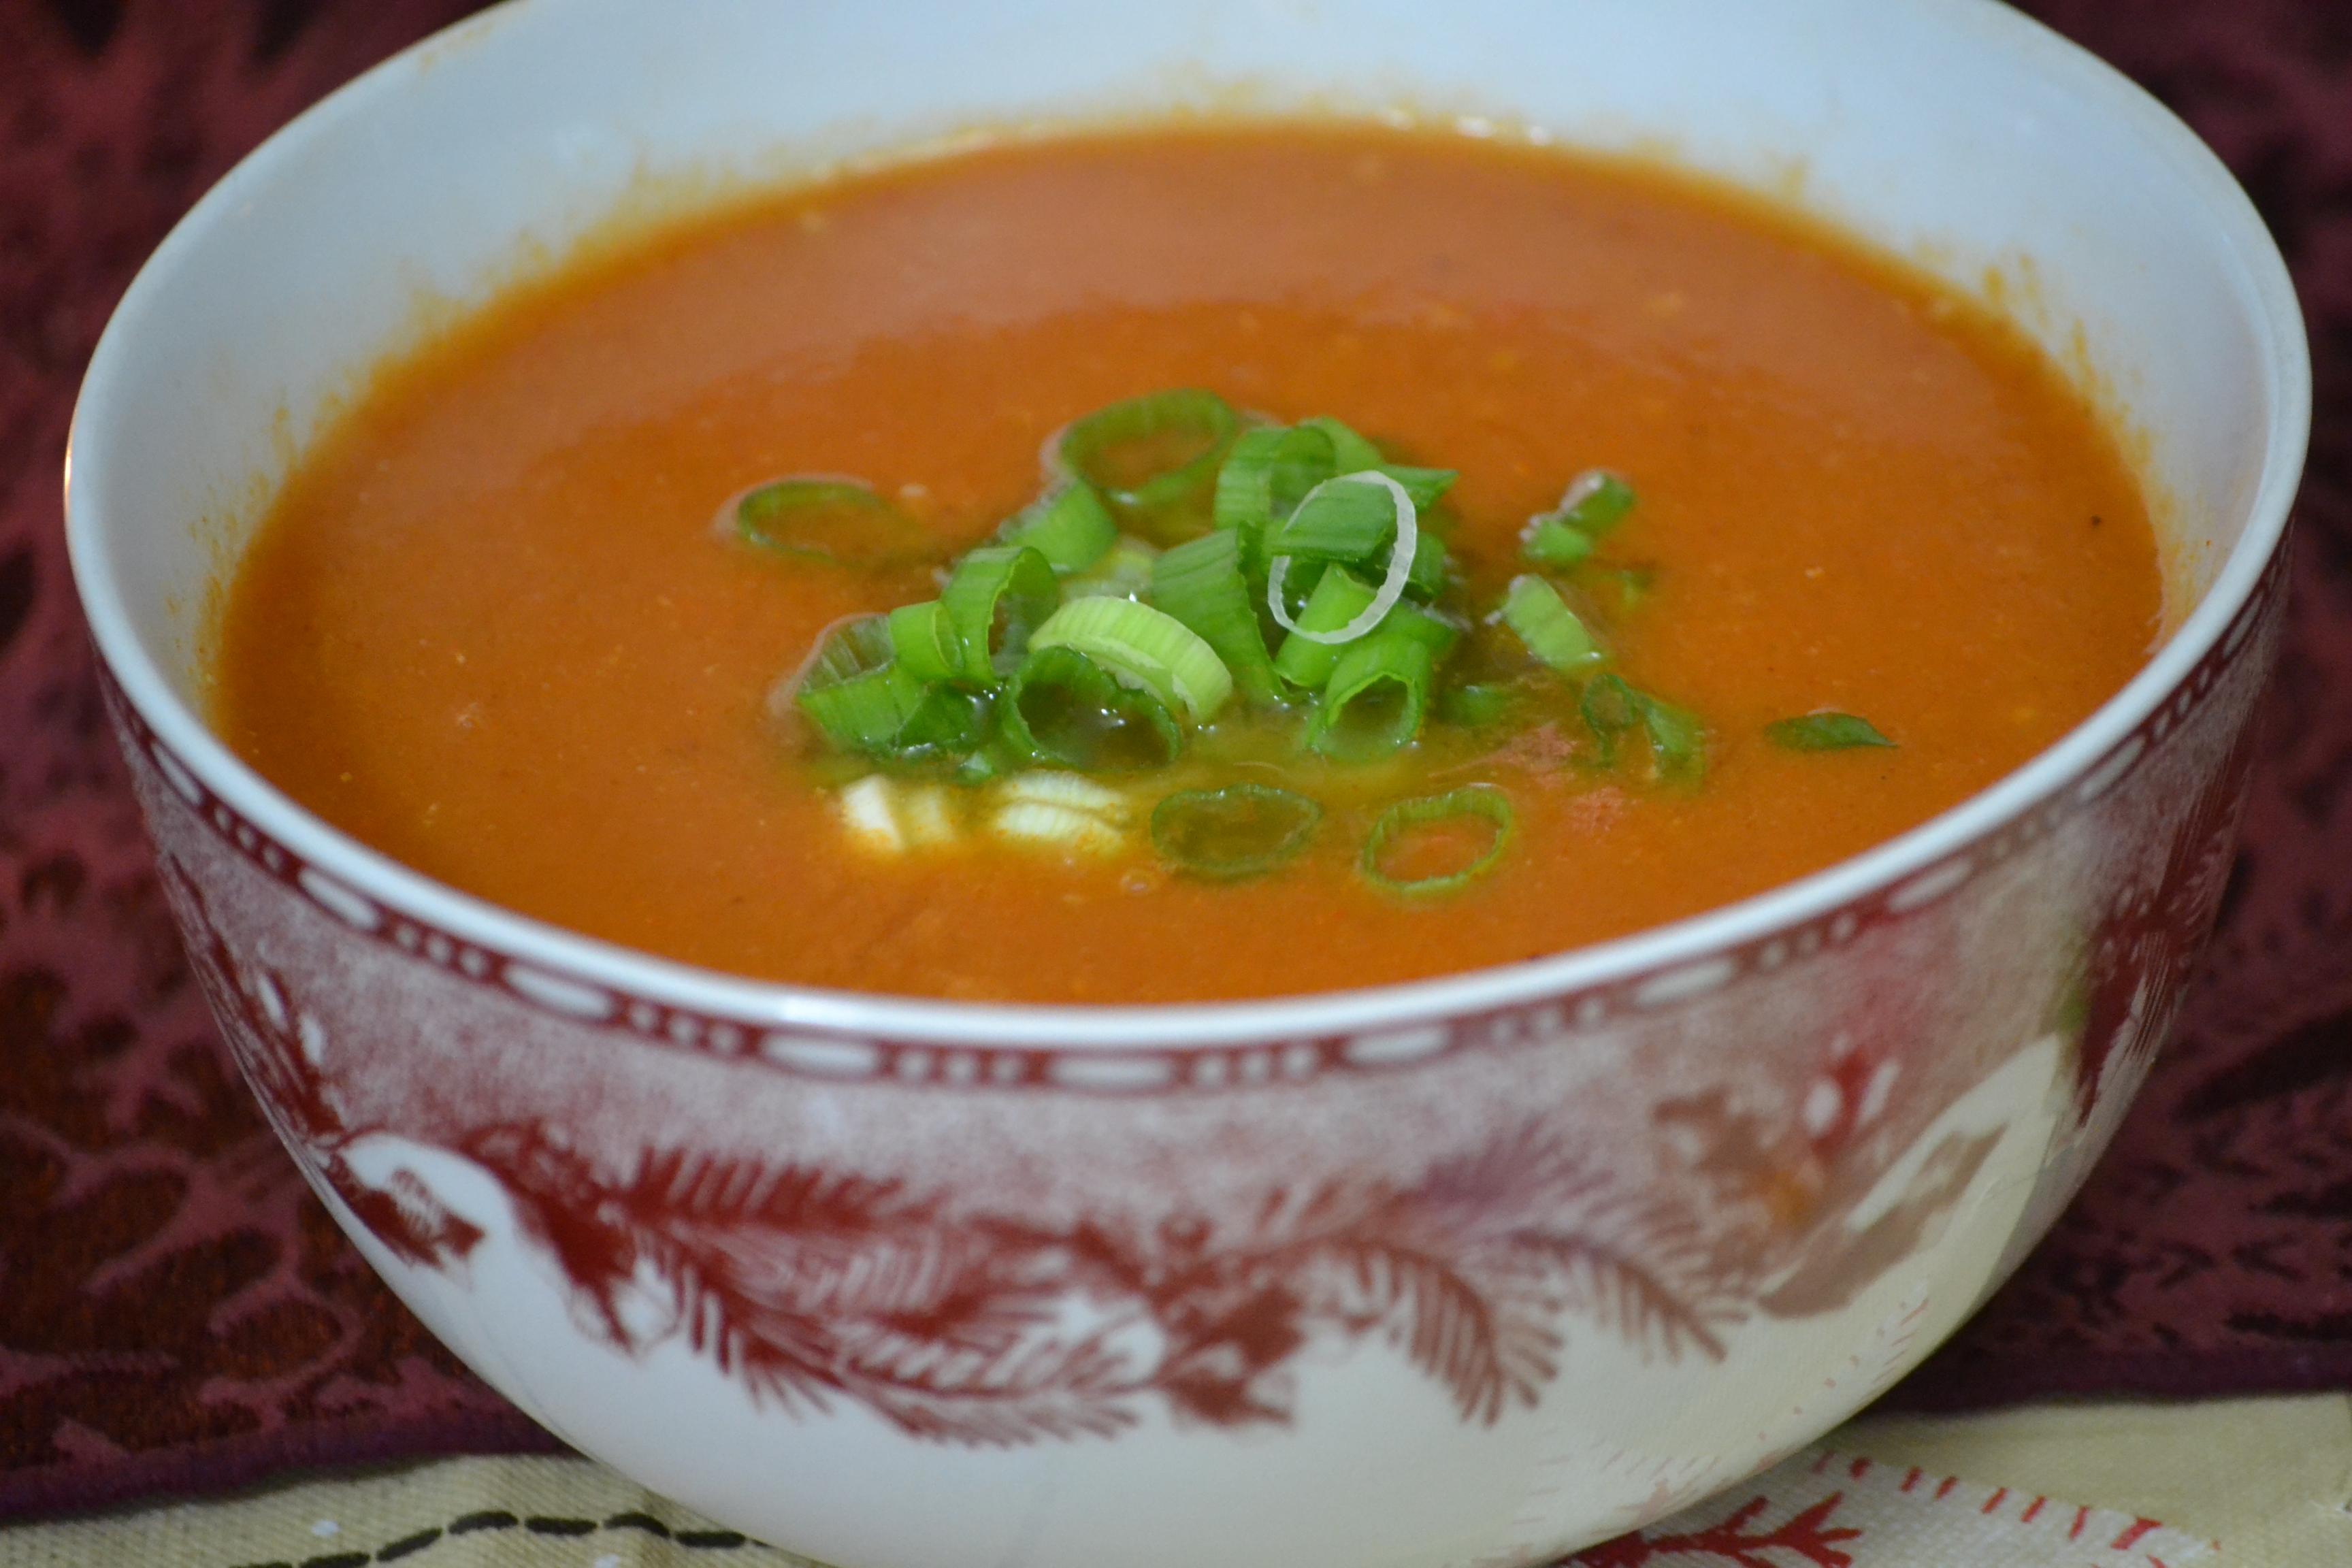 Creamy Chipotle Tomato Bisque